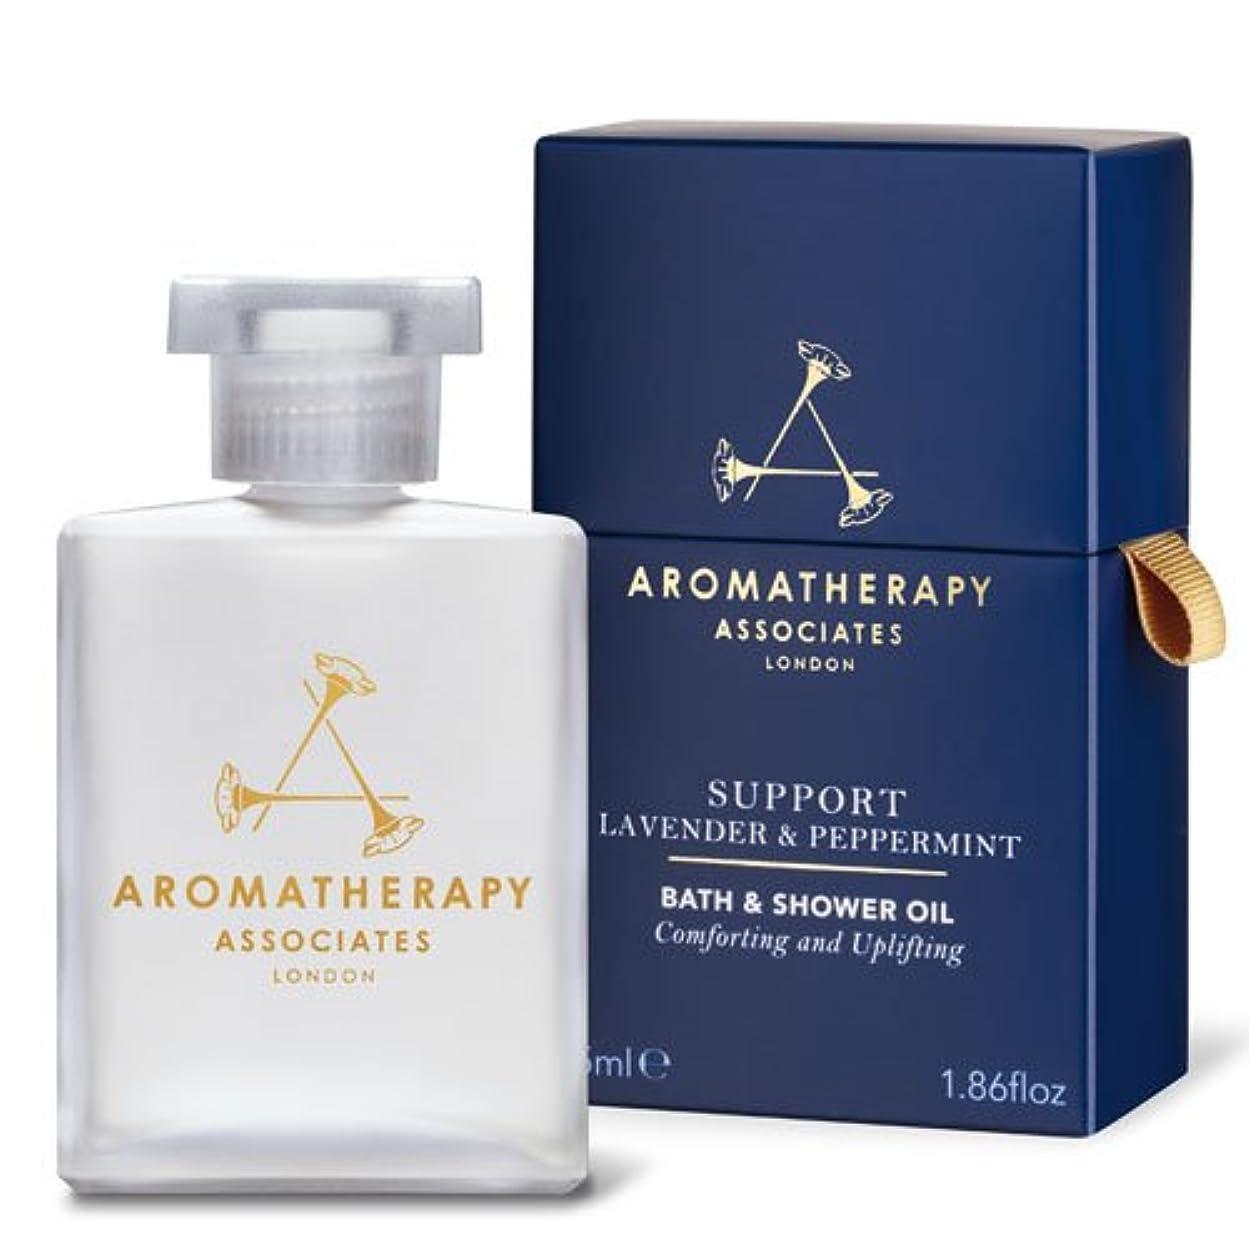 鰐天の合理化アロマセラピー アソシエイツ Support - Lavender & Peppermint Bath & Shower Oil 55ml/1.86oz